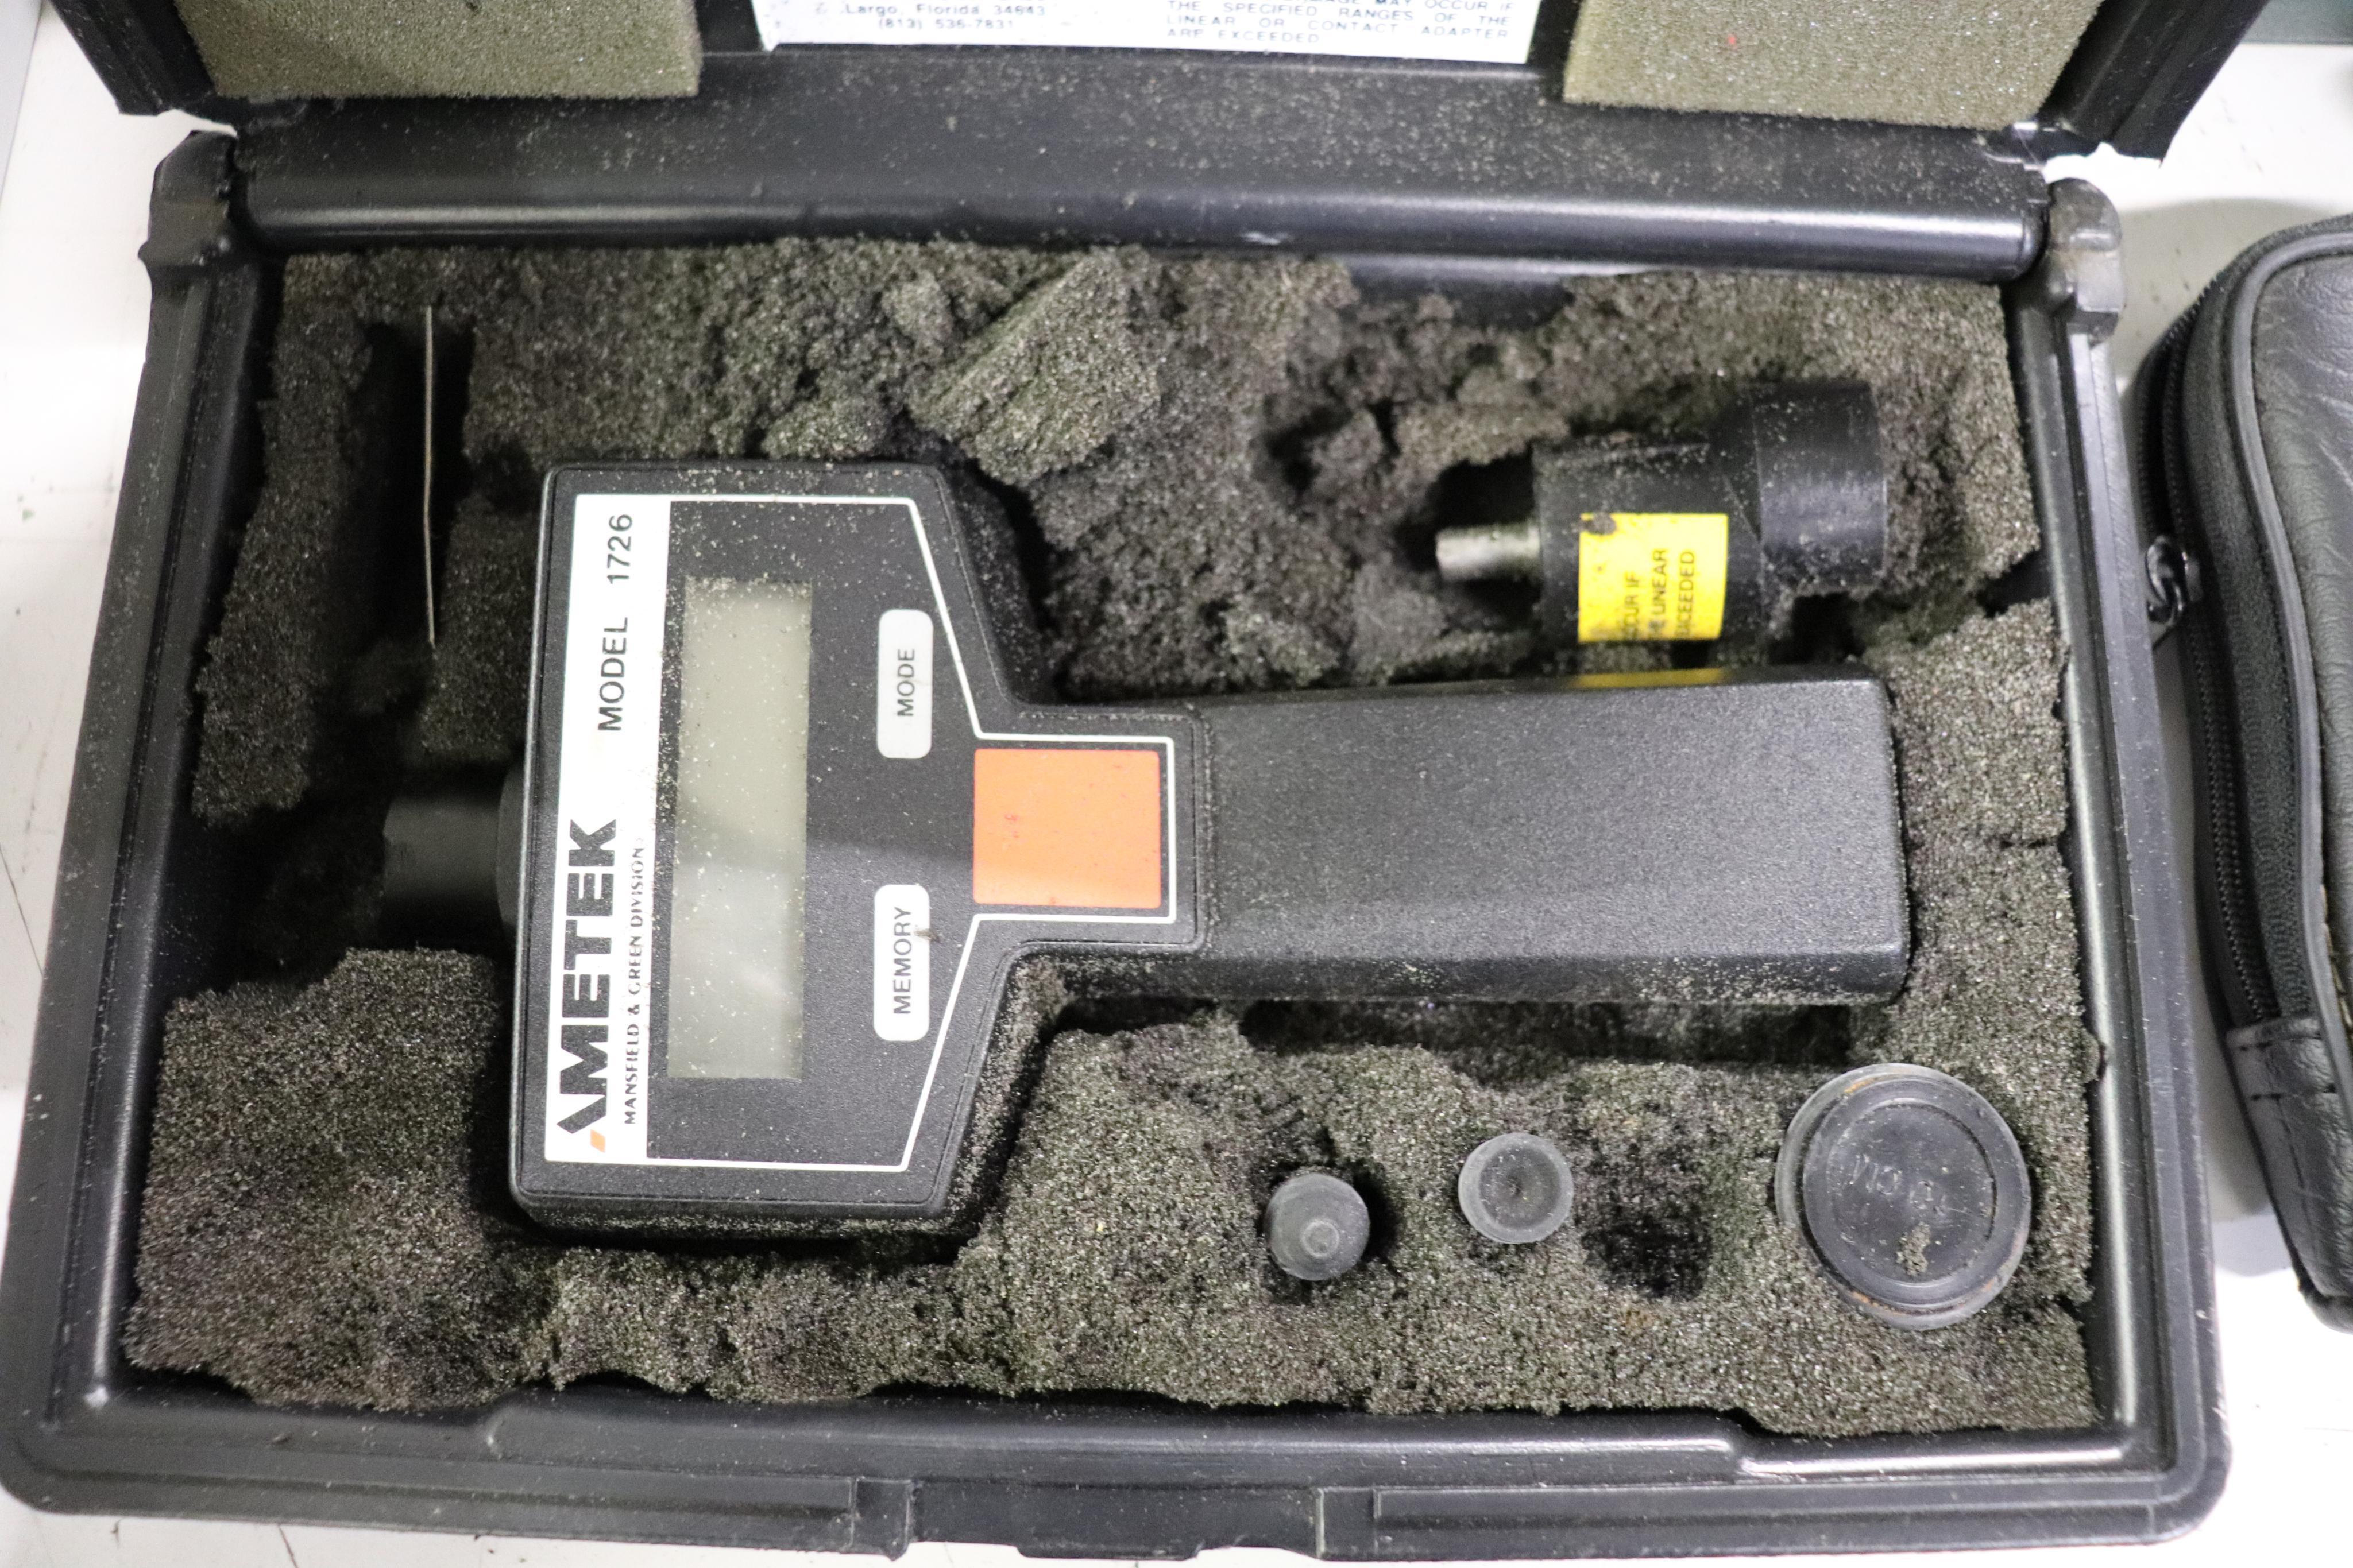 Velometer, digital Tachometer & Sound Level meter - Image 4 of 5